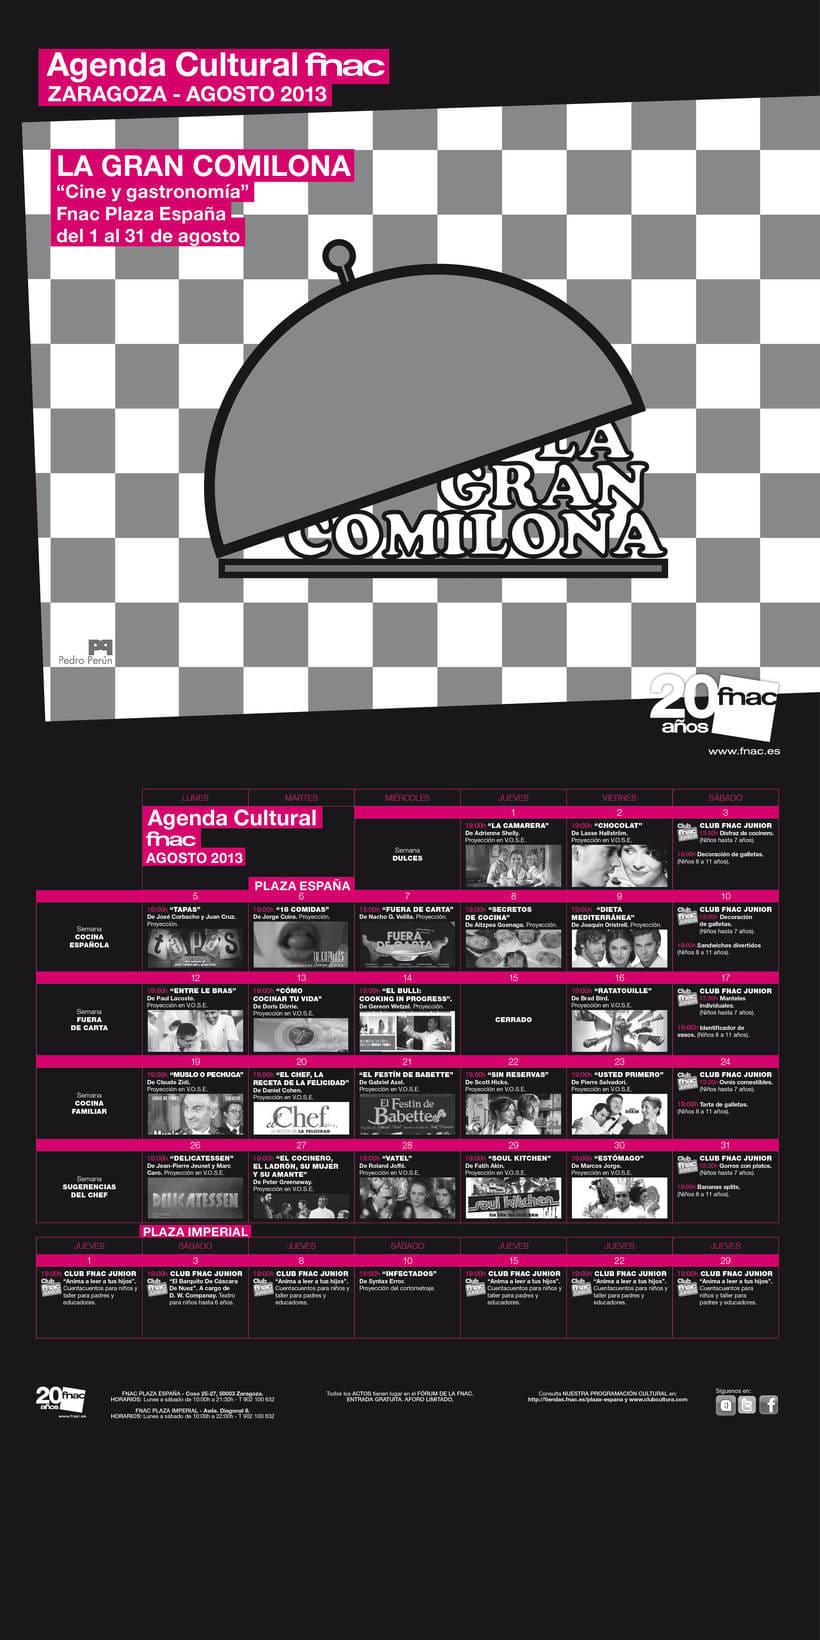 Cartel anunciador de ciclo de cine y comida para la FNAC de Zaragoza 2